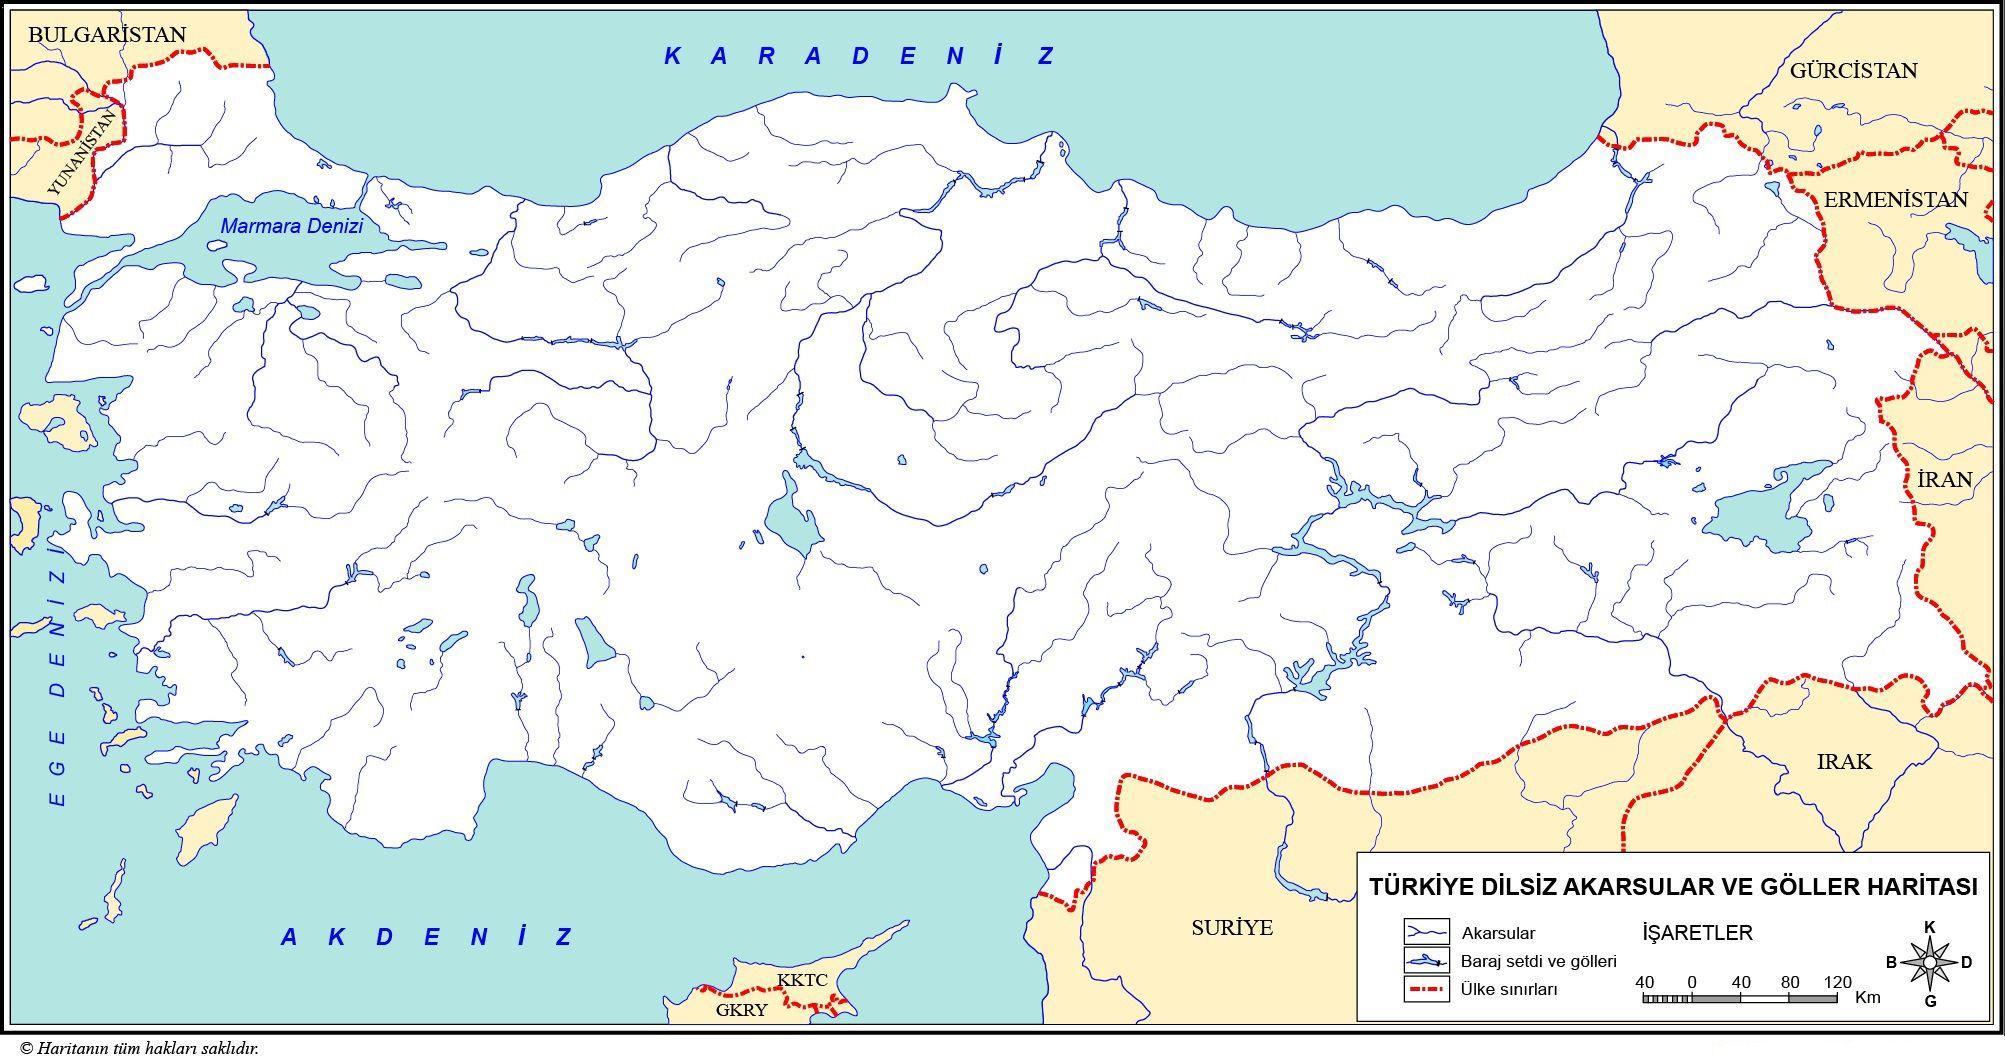 Turkiye Dilsiz Haritalari 2020 Harita Haritalar Cografya